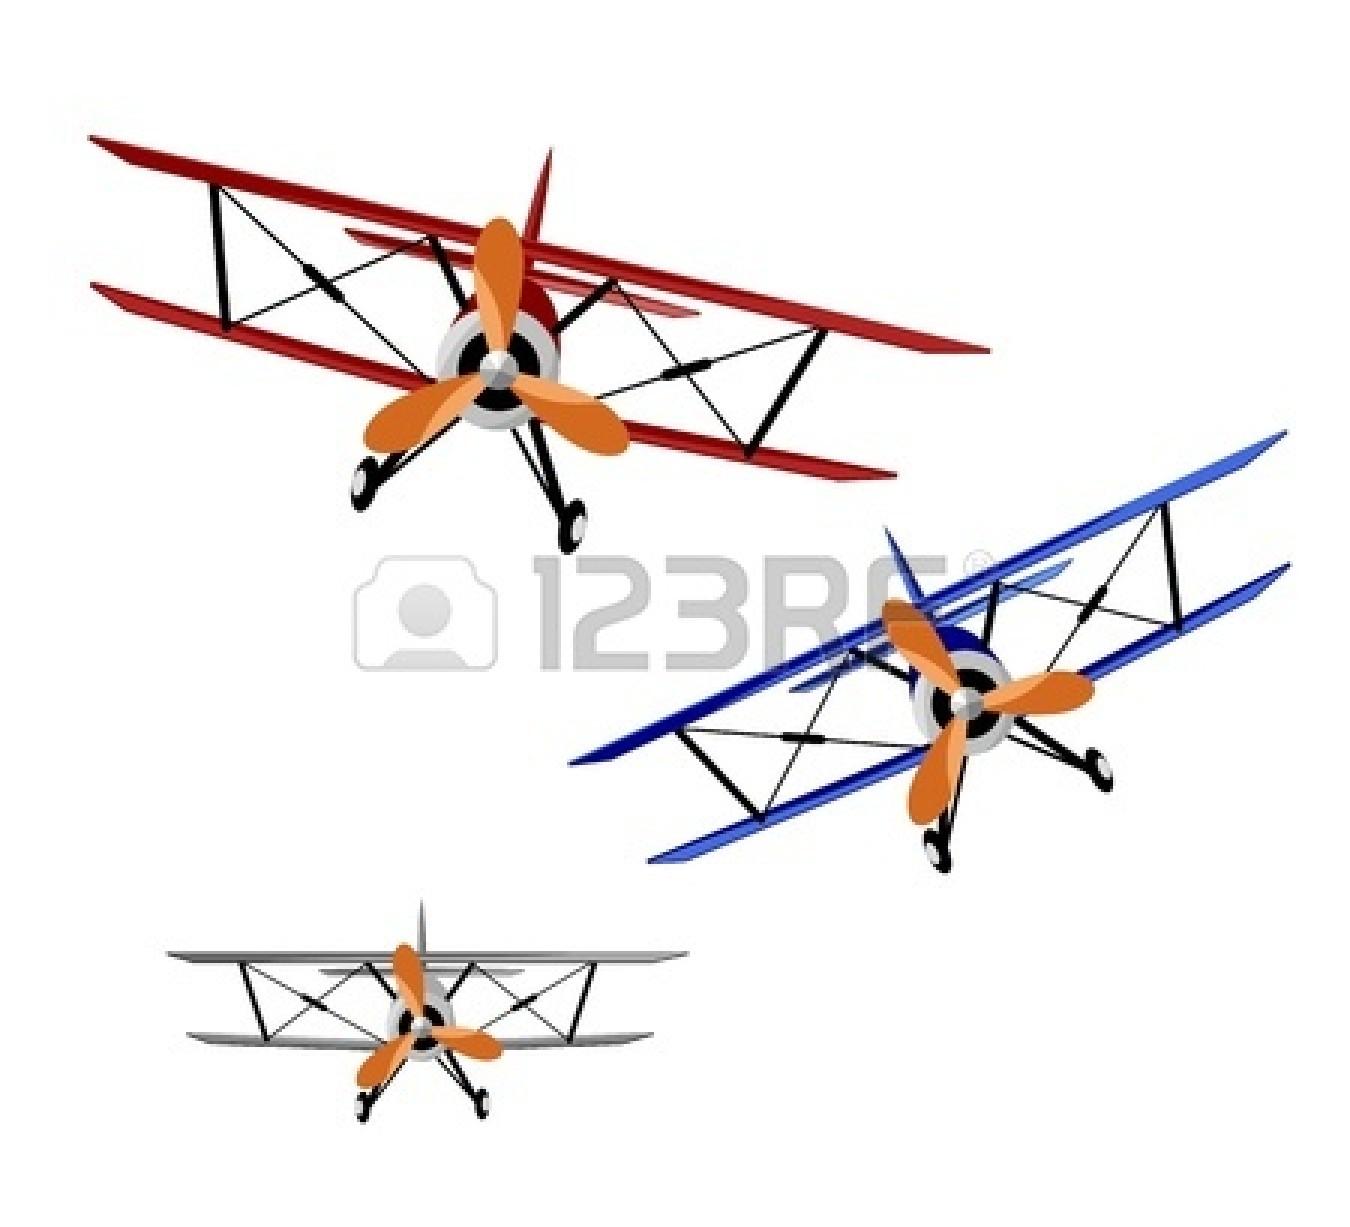 1350x1227 Airplane Clipart Free Convoy Clipart Cartoon Airplane Clip Art